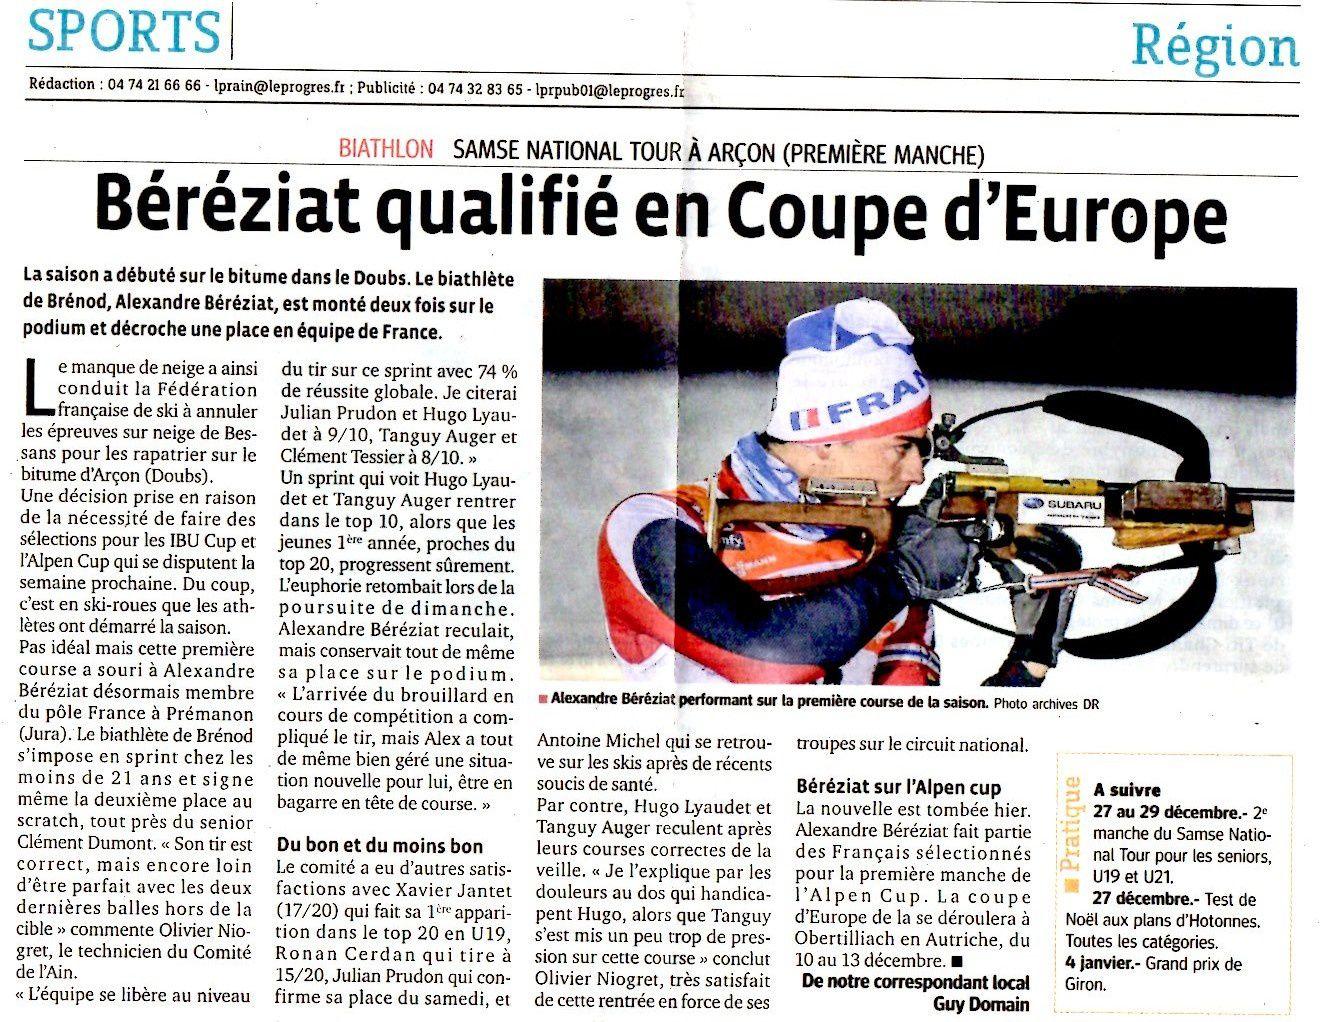 Alexandre qualifié en coupe d'Europe.